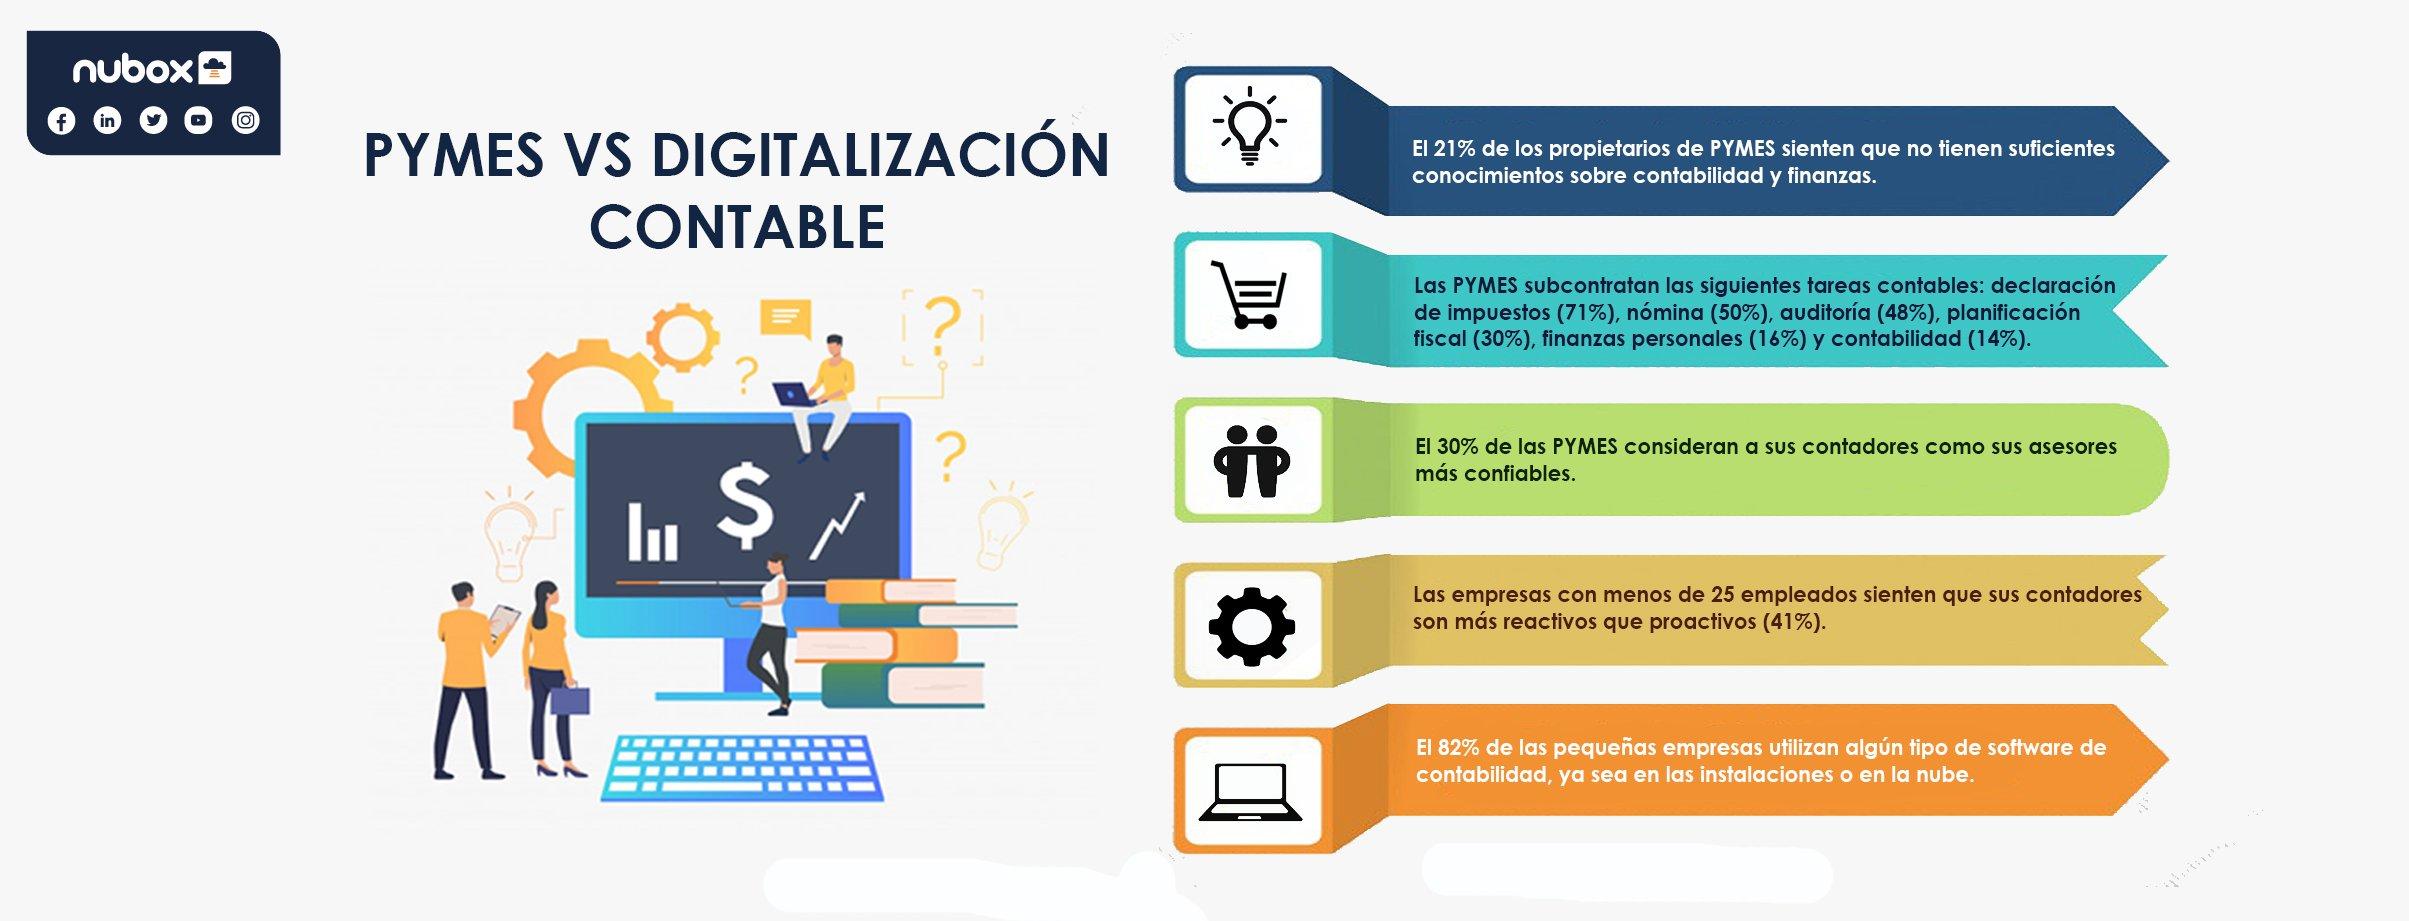 Un buen software contable para Pymes debe integrar la contabilidad básica, además de los sistemas de remuneraciones y facturación electrónica.